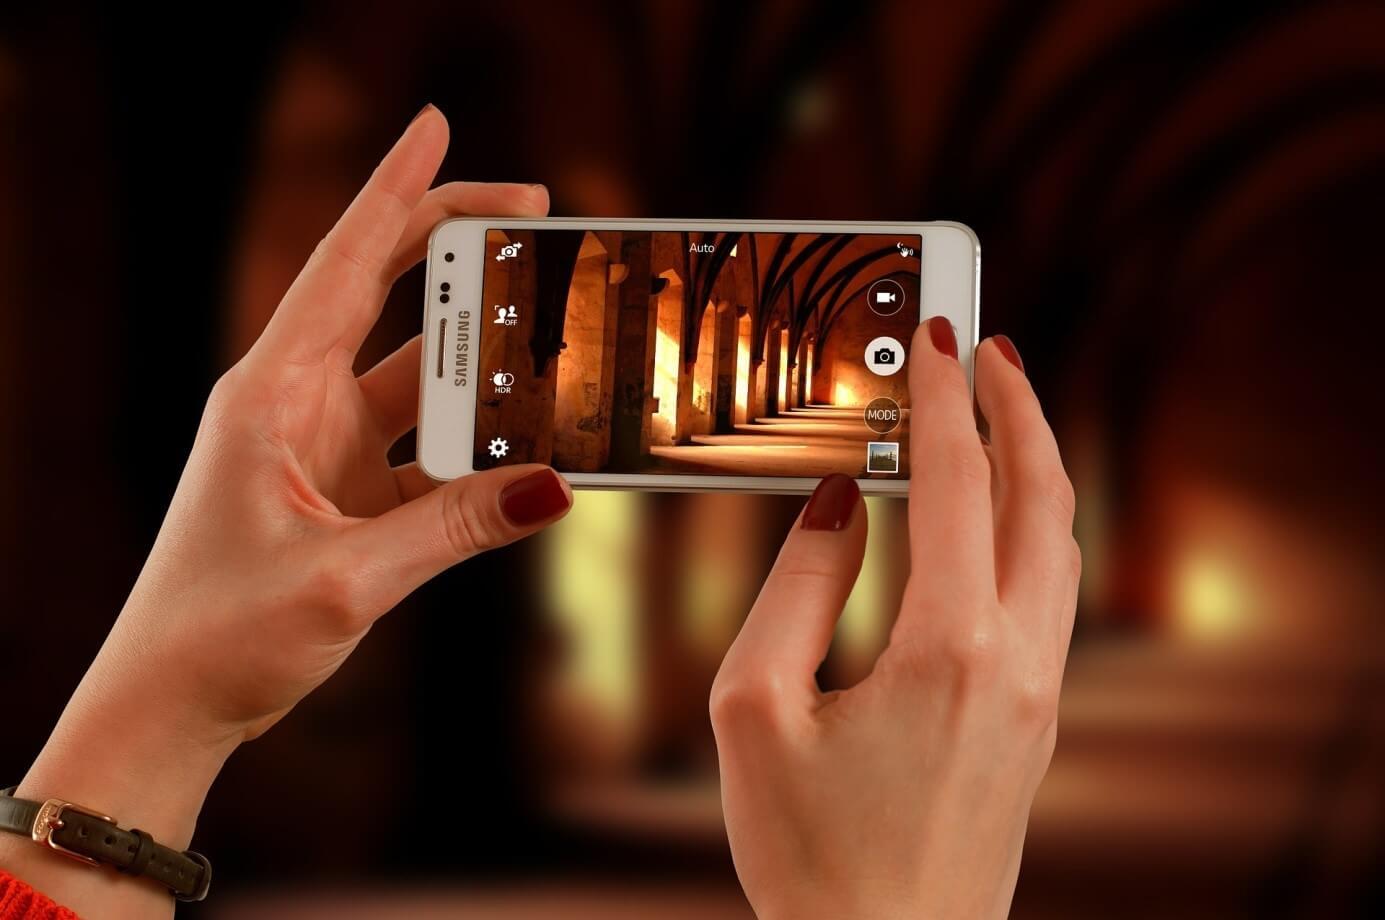 réaliser de belles photos avec smartphone